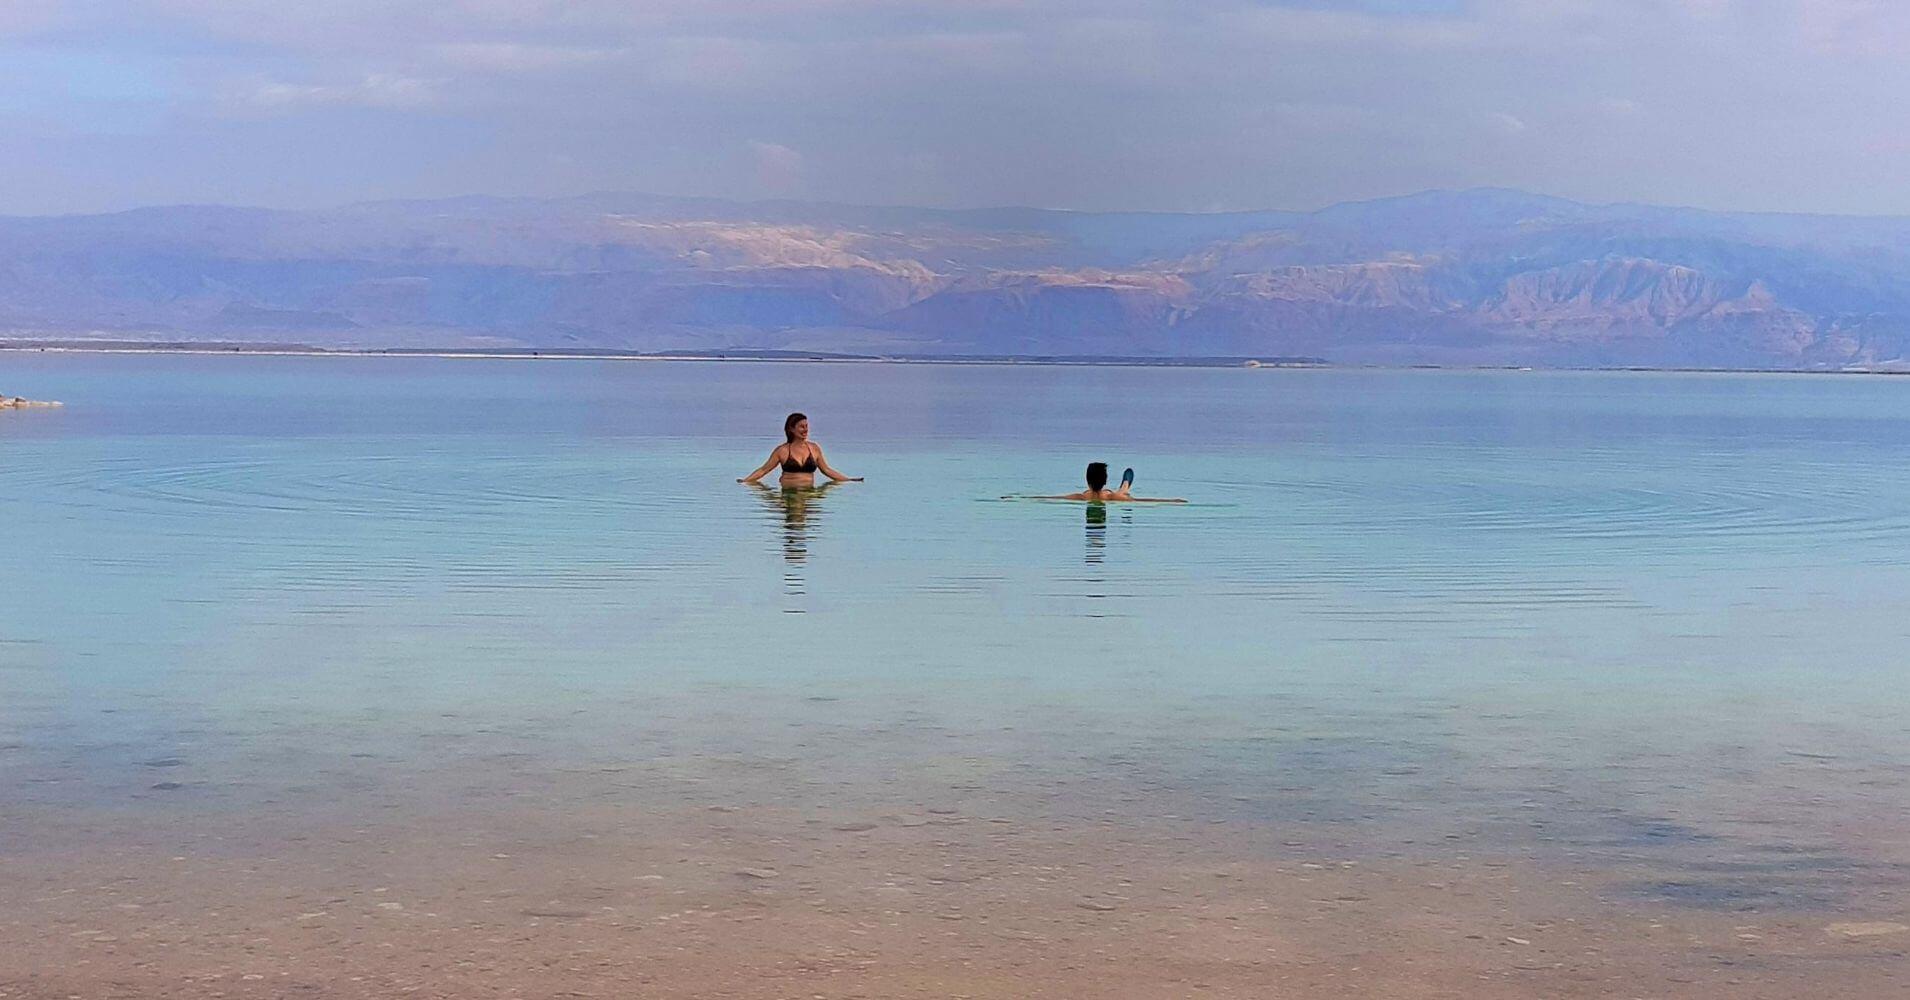 Baño en el Mar Muerto. Israel.